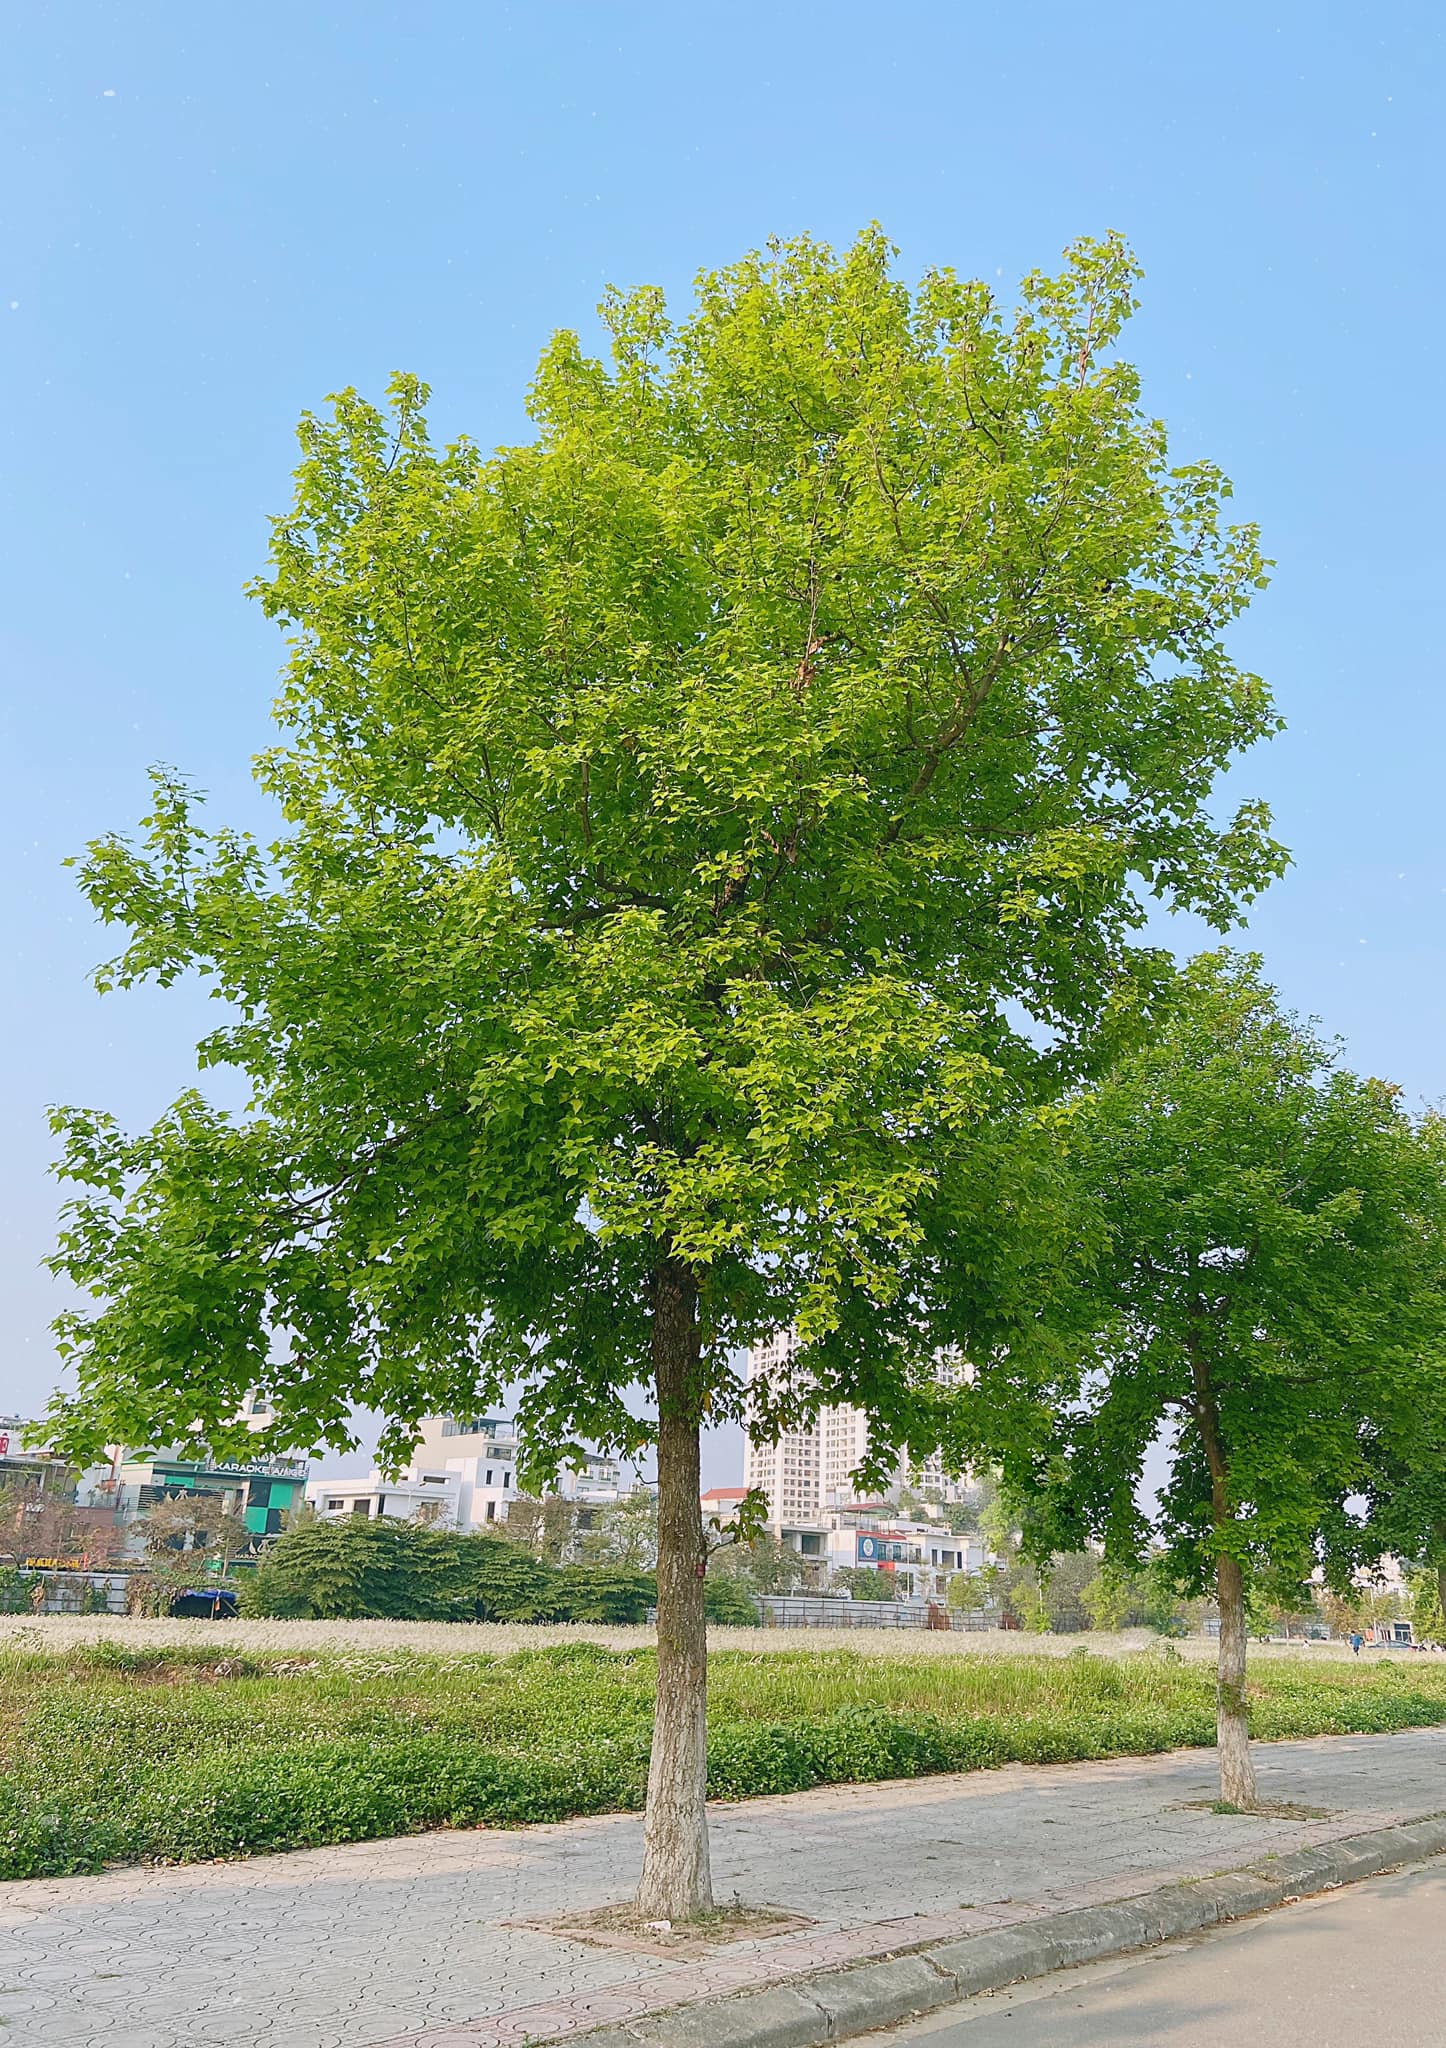 Ảnh cây xanh bên đường